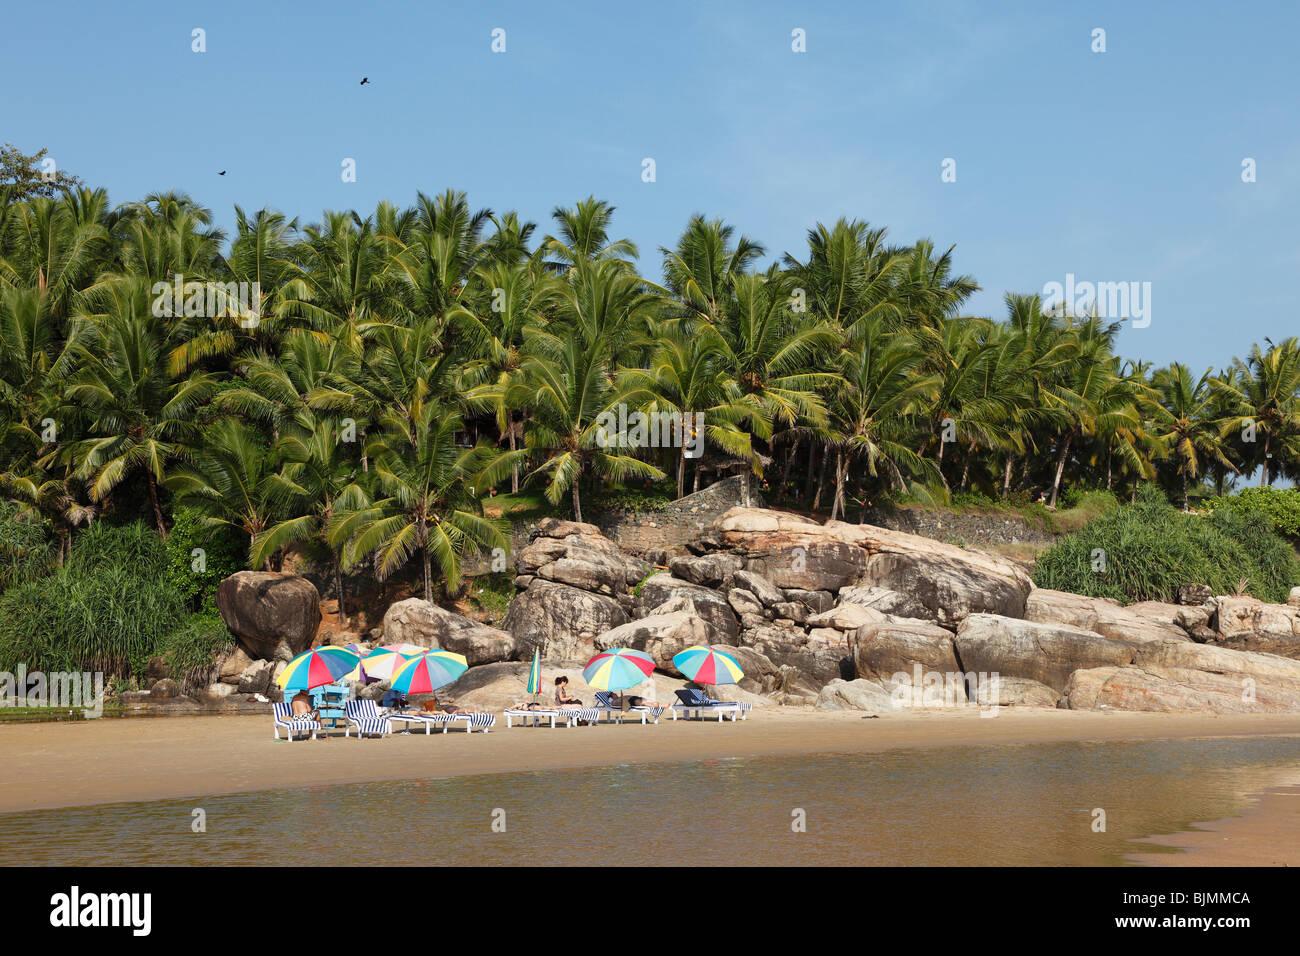 Liegen und Sonnenschirme vor Palmen, Somatheeram Beach, südlich von Kovalam, Kerala, Indien, Malabarian Küste, Stockbild